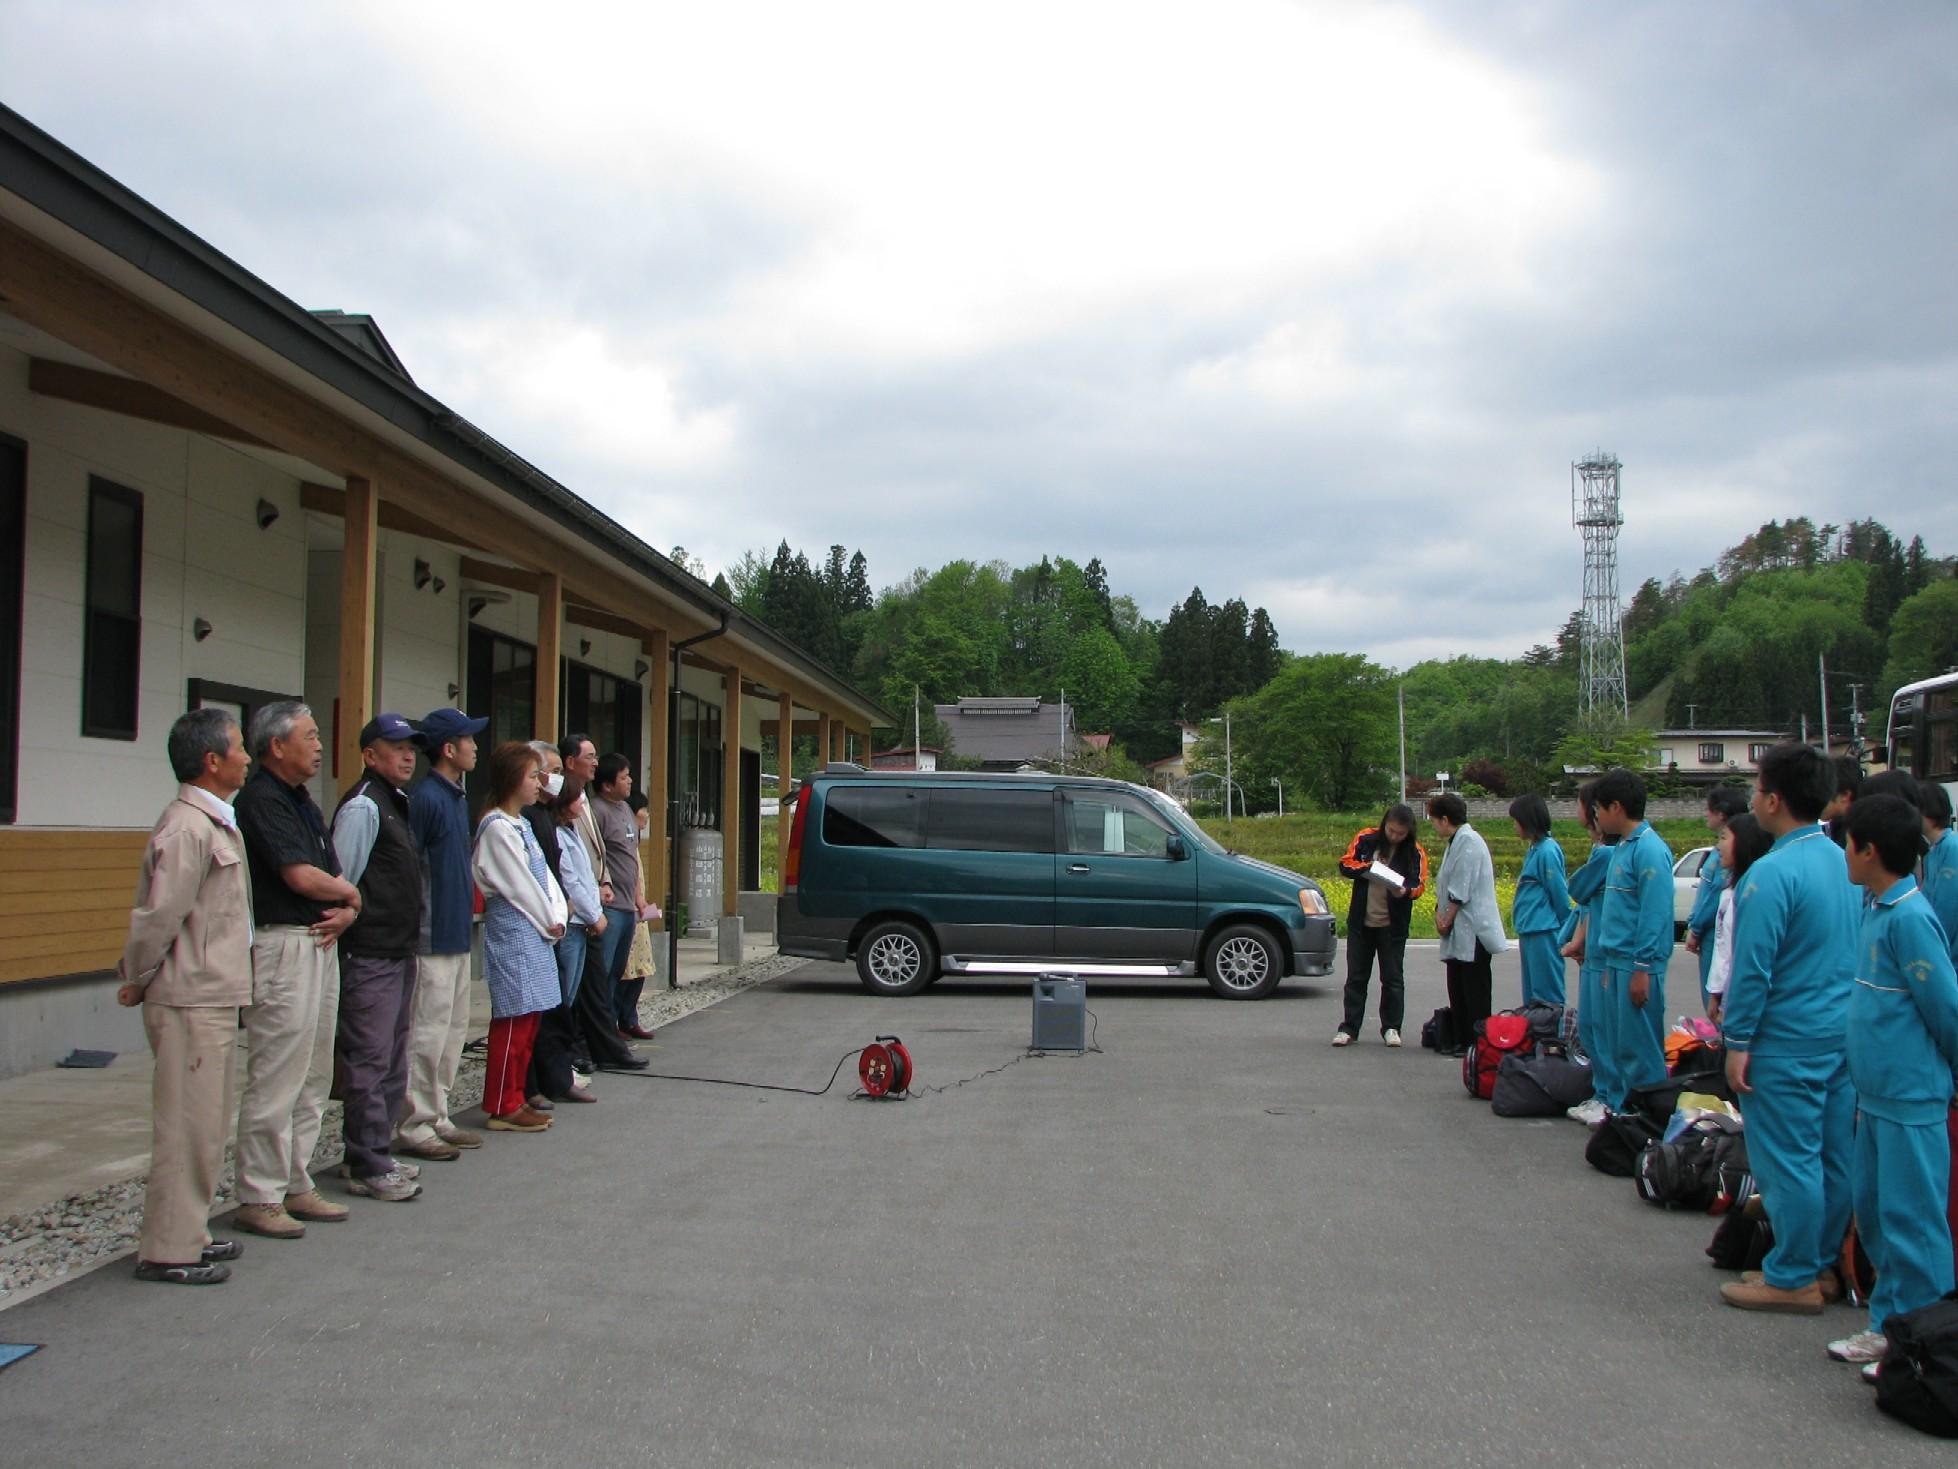 平成21年度教育旅行の受入が始まりました。